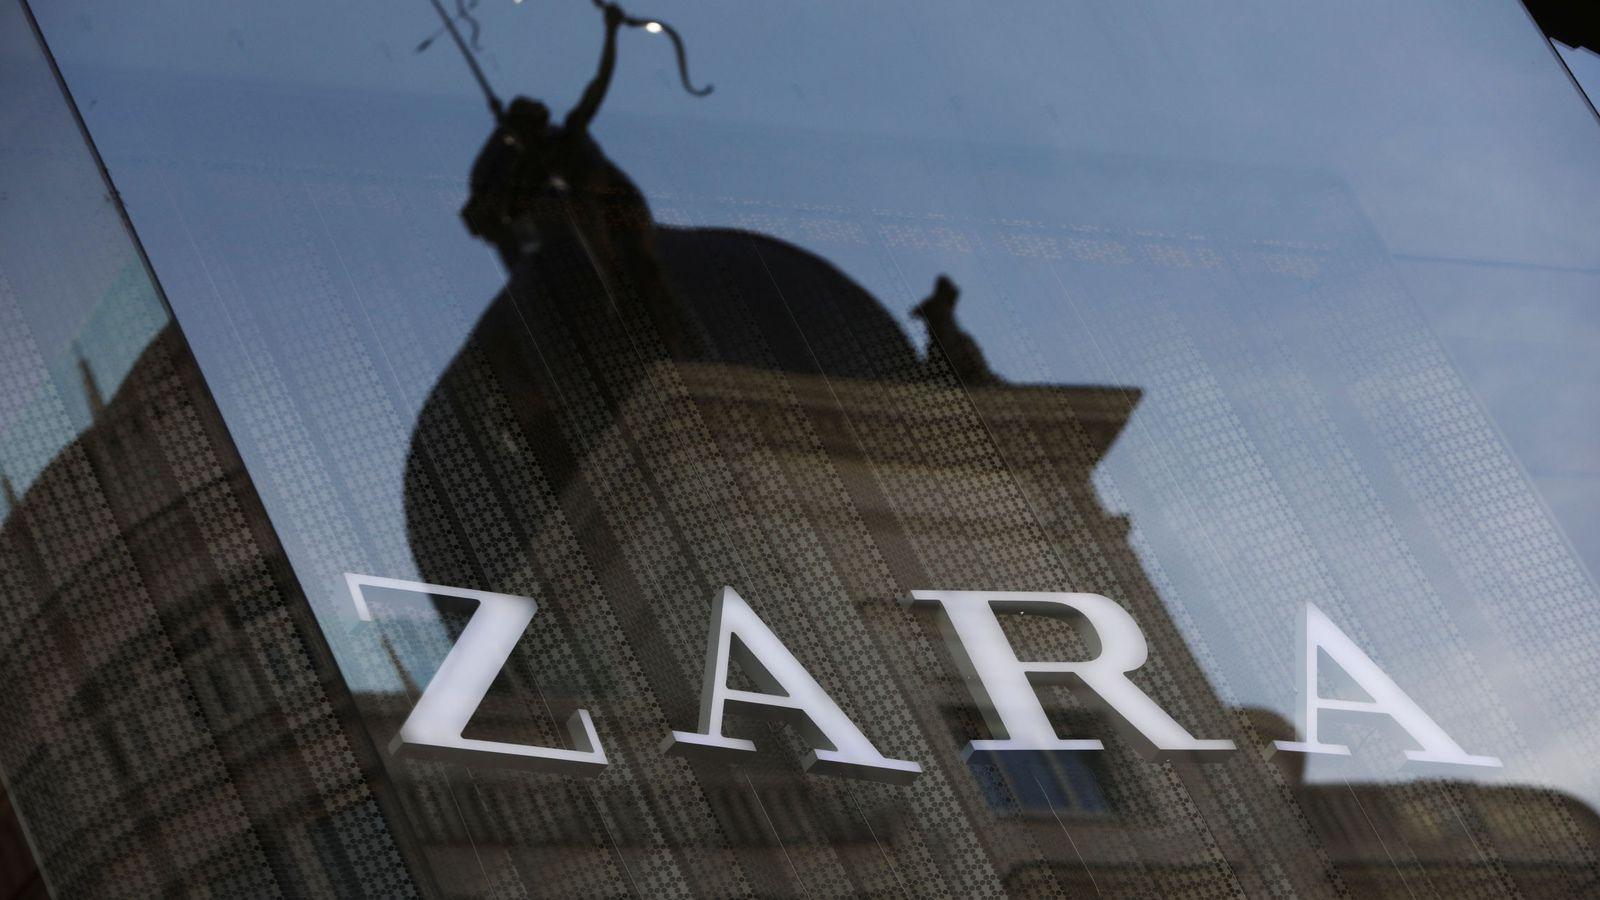 Foto: Zara es el buque insignia de Inditex